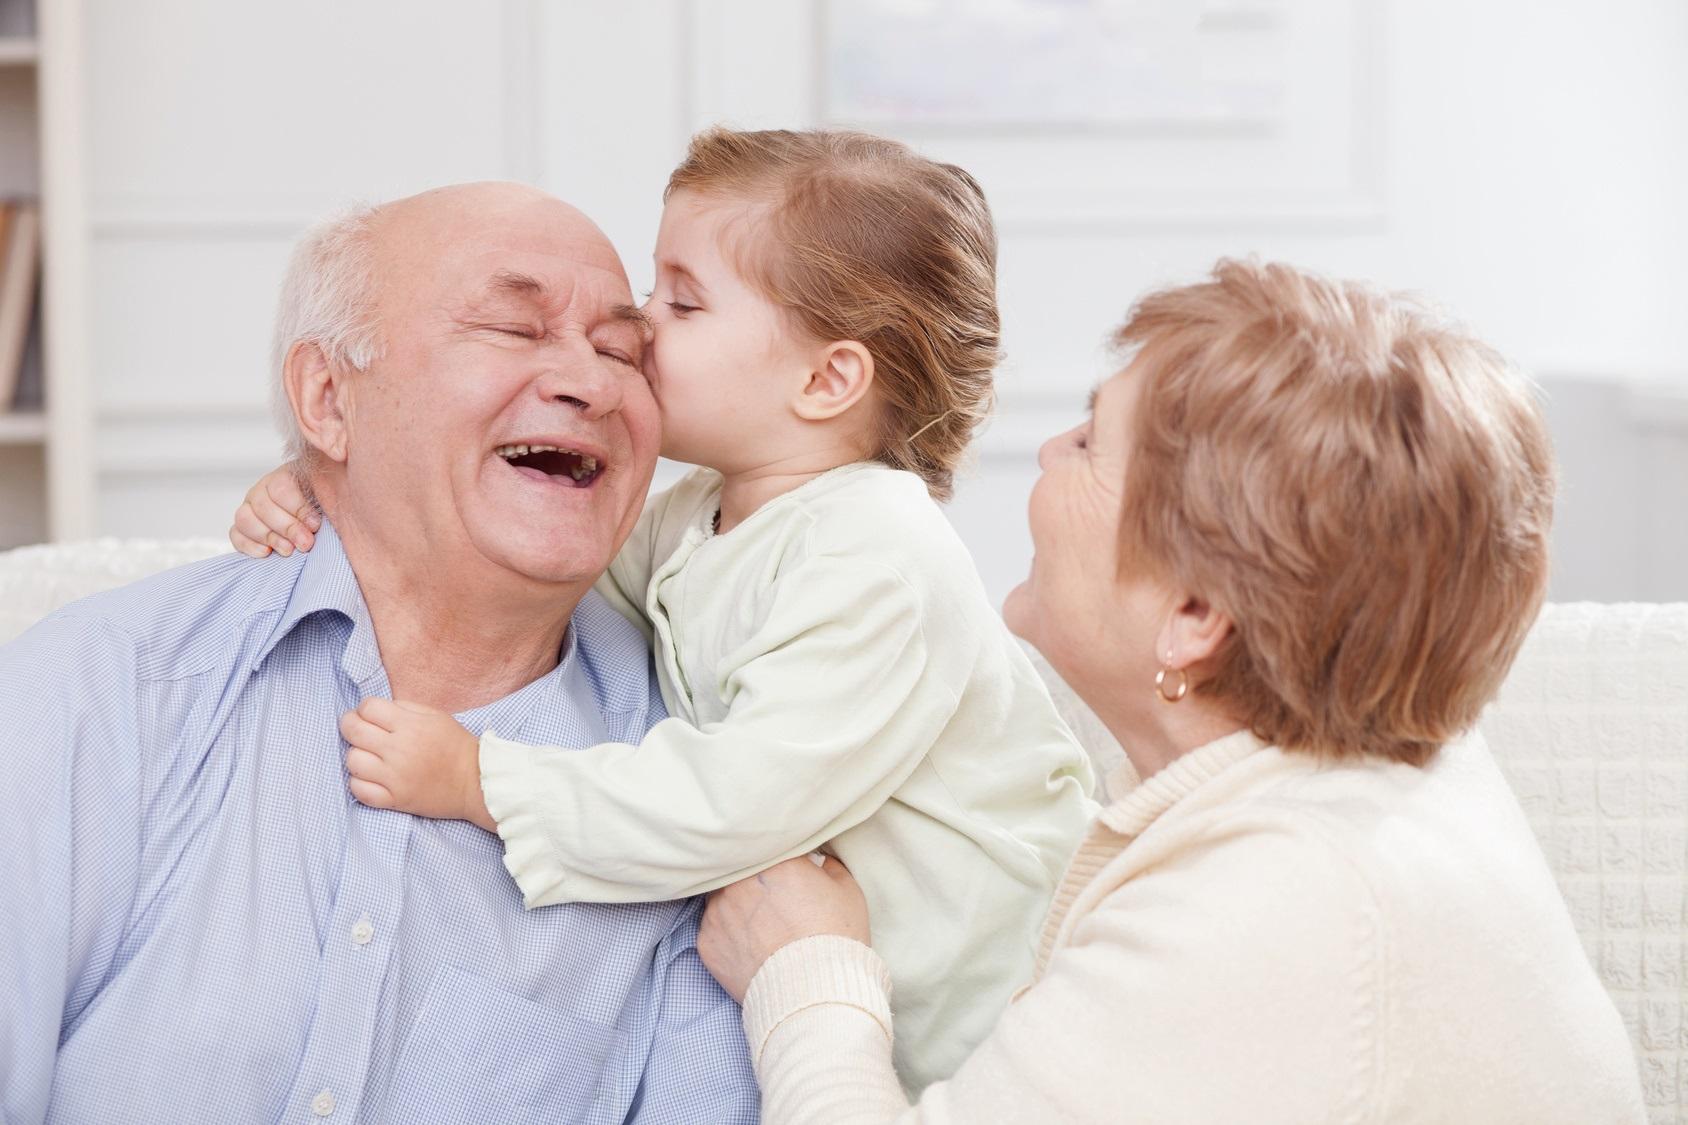 Abuelos: nieta besando a abuelo